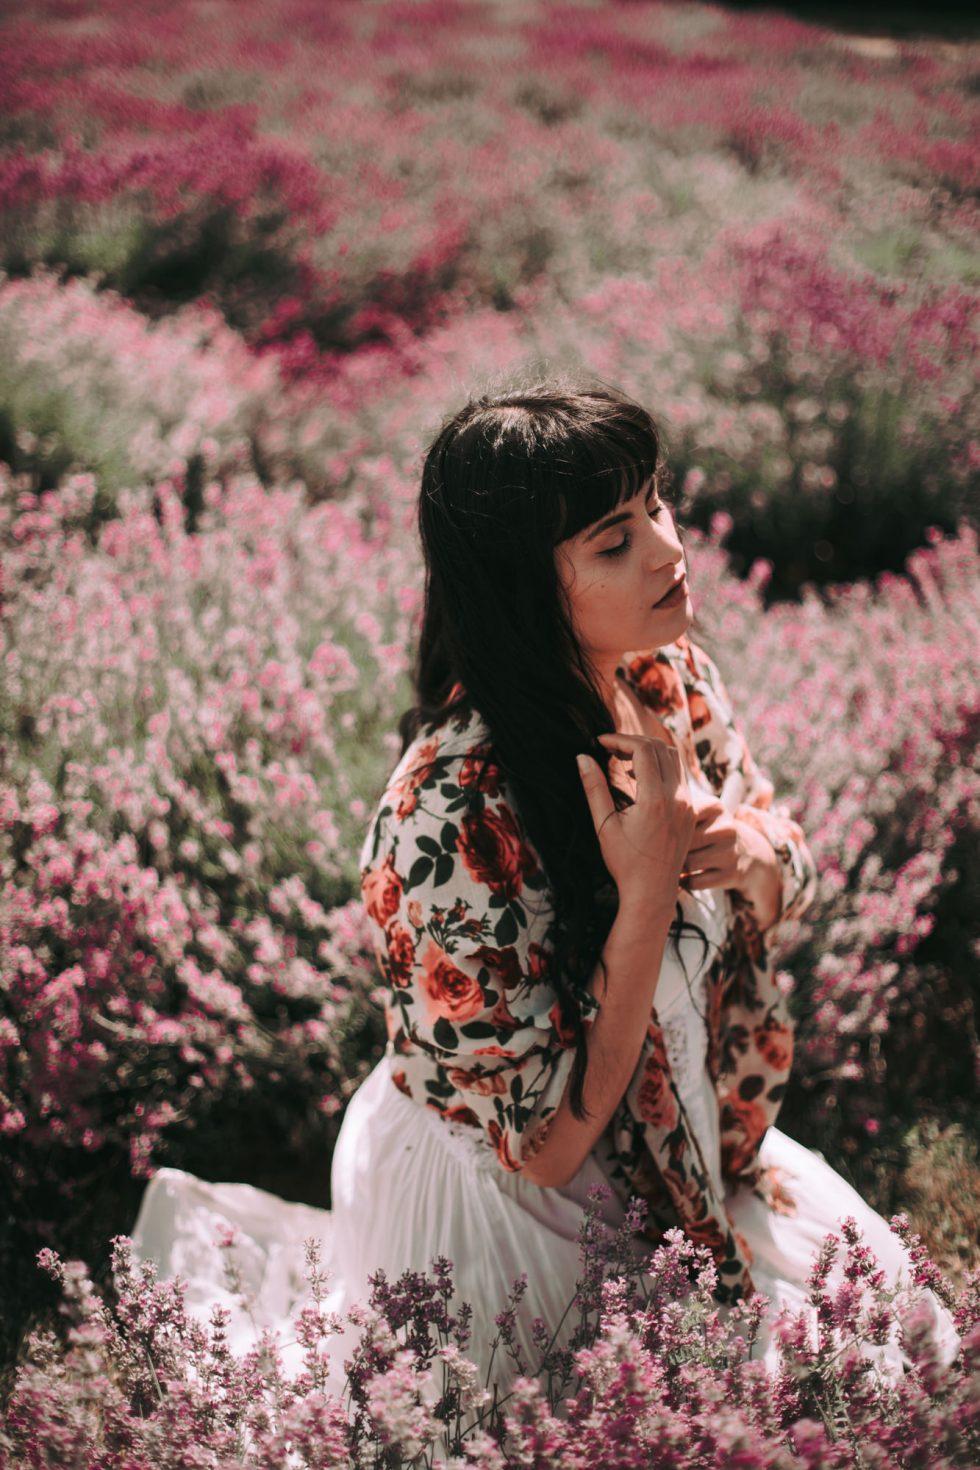 maison-lavande-lavender-montreal-lifestyle-photographer-laura-g-diaz